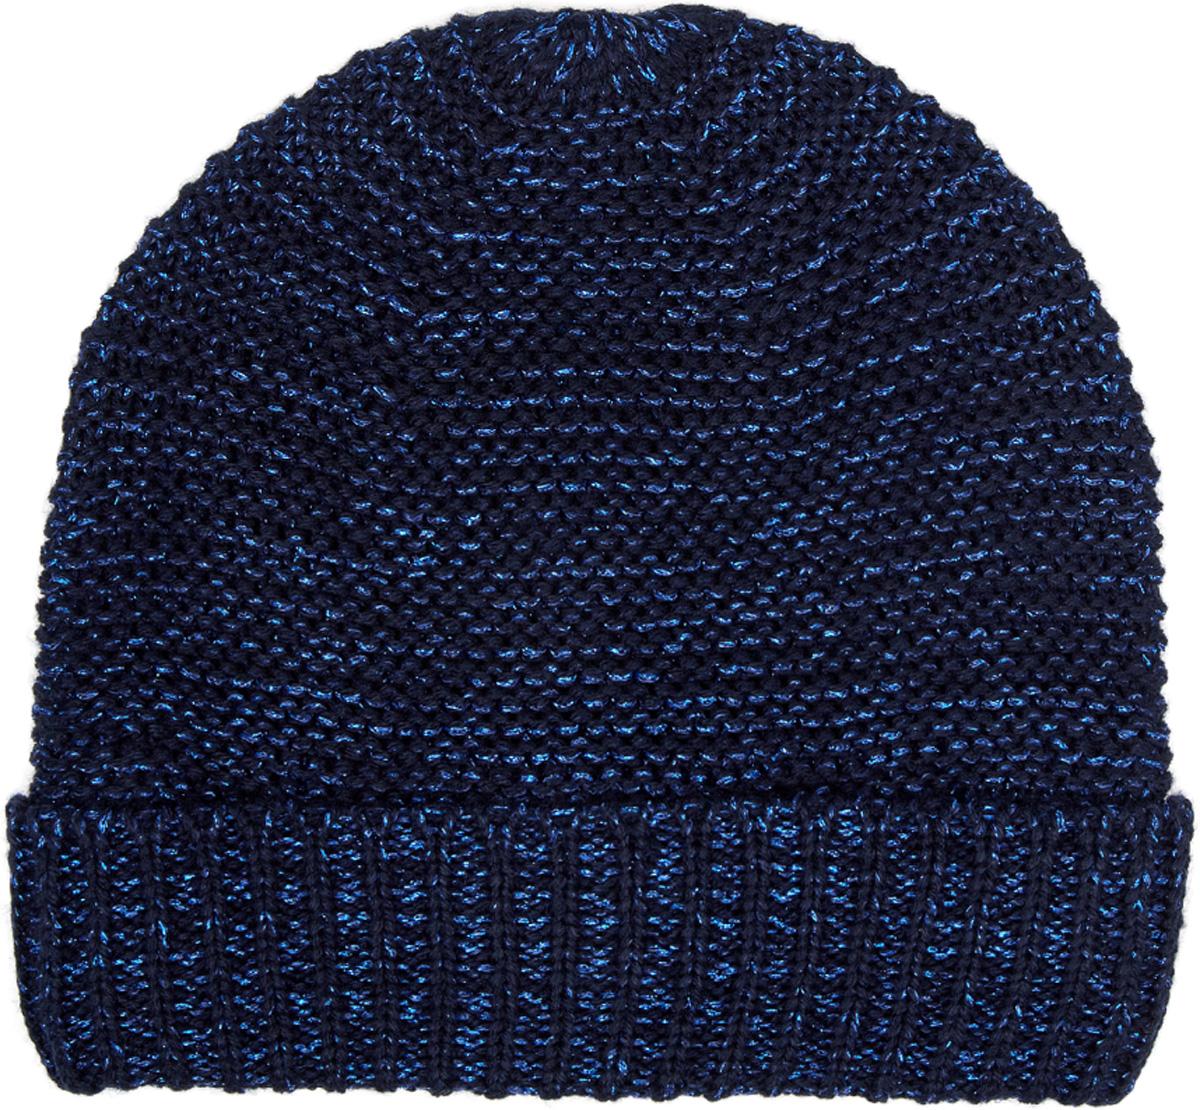 Шапка женская oodji, цвет: темно-синий. 47602062/45954/7900X. Размер XS/L (55/58)47602062/45954/7900XСтильная теплая вязаная шапка от oodji с отворотом. Отворот с вязкой в плотную резинку хорошо держит форму, сама шапка связана изнаночной гладью. Акриловая пряжа с добавлением метанита смотрится эффектно и интересно. Теплый и мягкий акрил обладает прекрасными характеристиками - хорошо греет, не садится после стирки. В этой шапке вам будет тепло даже в прохладную погоду.Стильная шапка с метанитом прекрасно сочетается с разной верхней одеждой – стегаными куртками, пуховиками, классическими и спортивными пальто, шубами. Универсальная шапка будет уместна в разных ситуациях: когда вы добираетесь до работы, учебы, прогуливаетесь в хорошую погоду по городу или путешествуете. Такая шапка может стать настоящей находкой для вашего теплого гардероба.